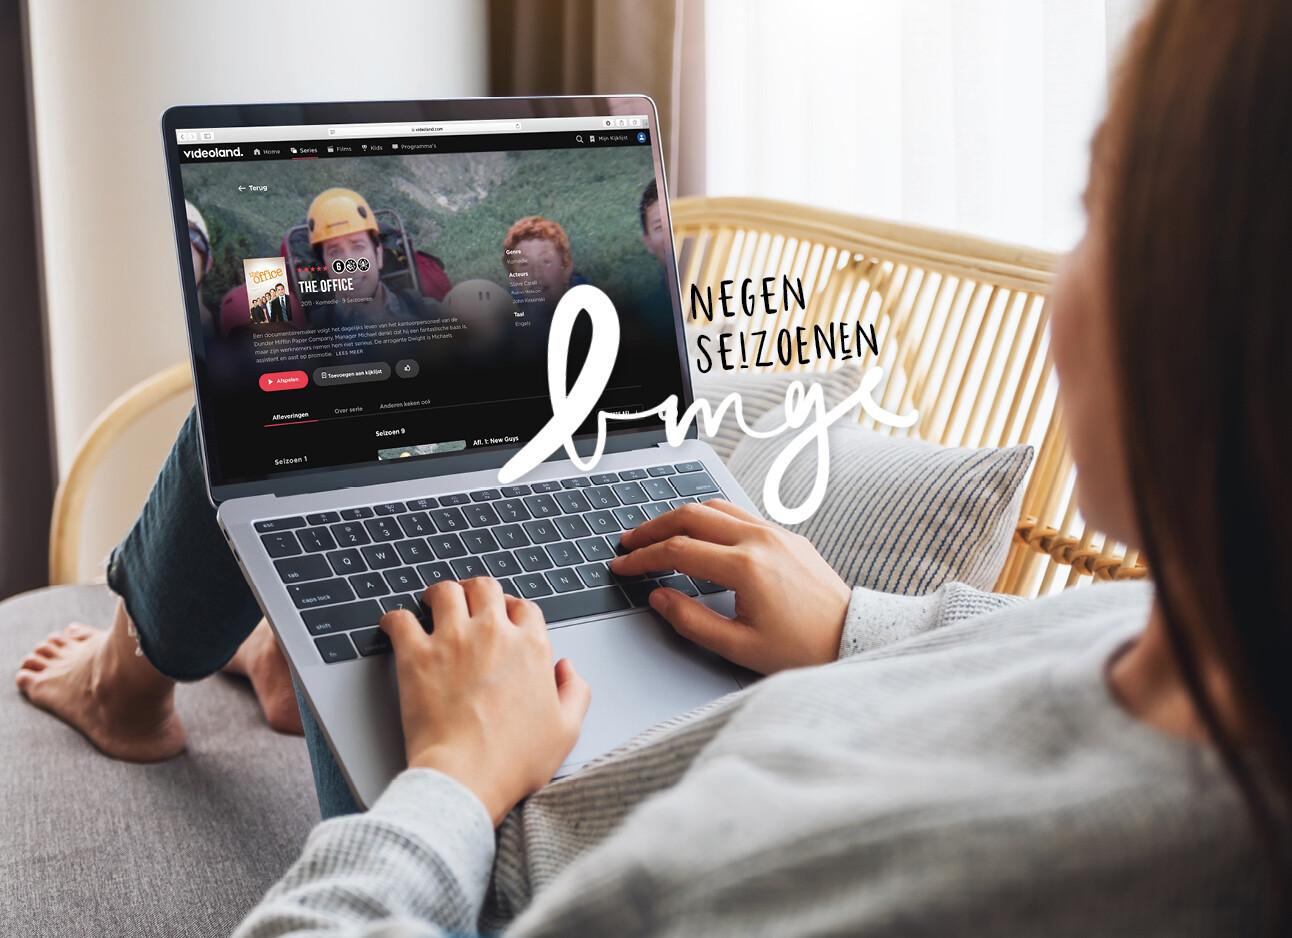 vrouw achter laptop kijkend naar videoland